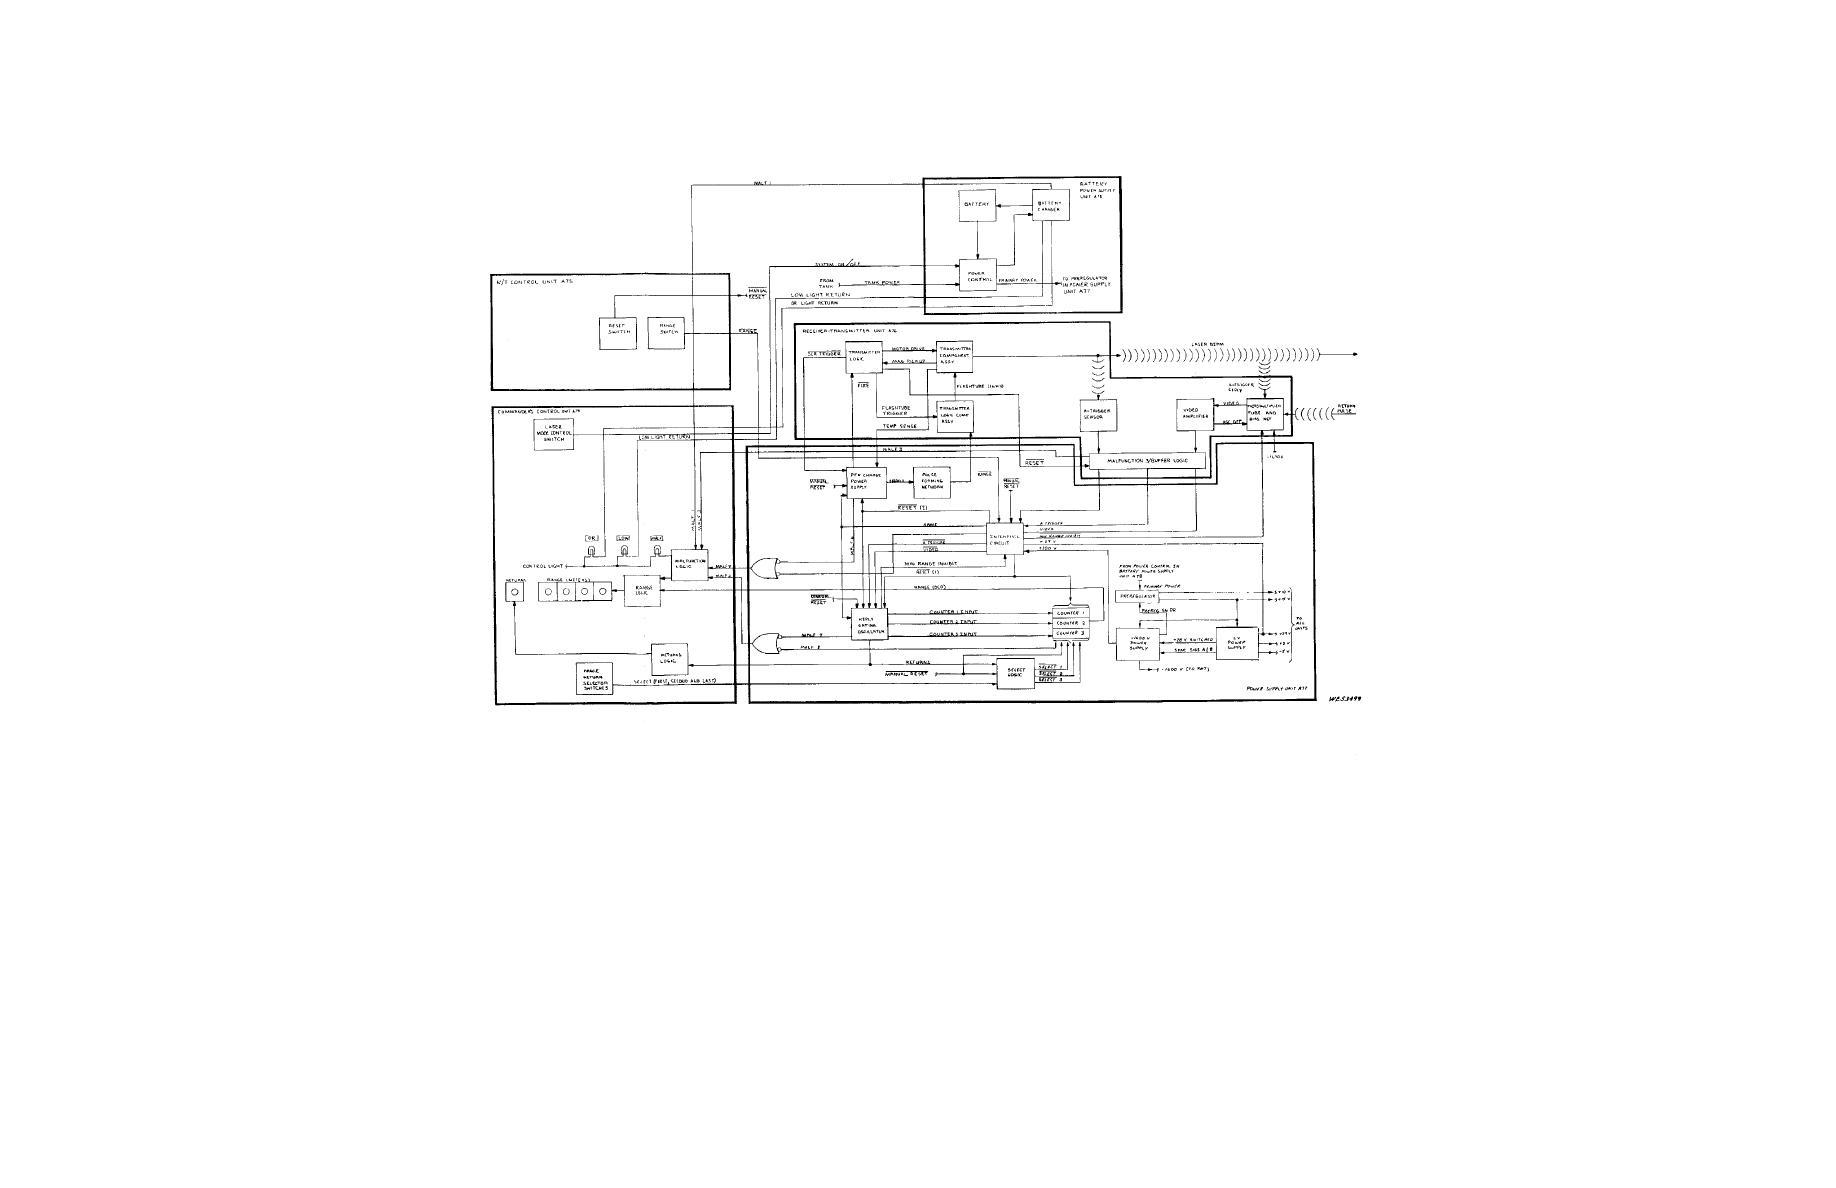 Figure 1 2 Laser Range Finder Block Diagram